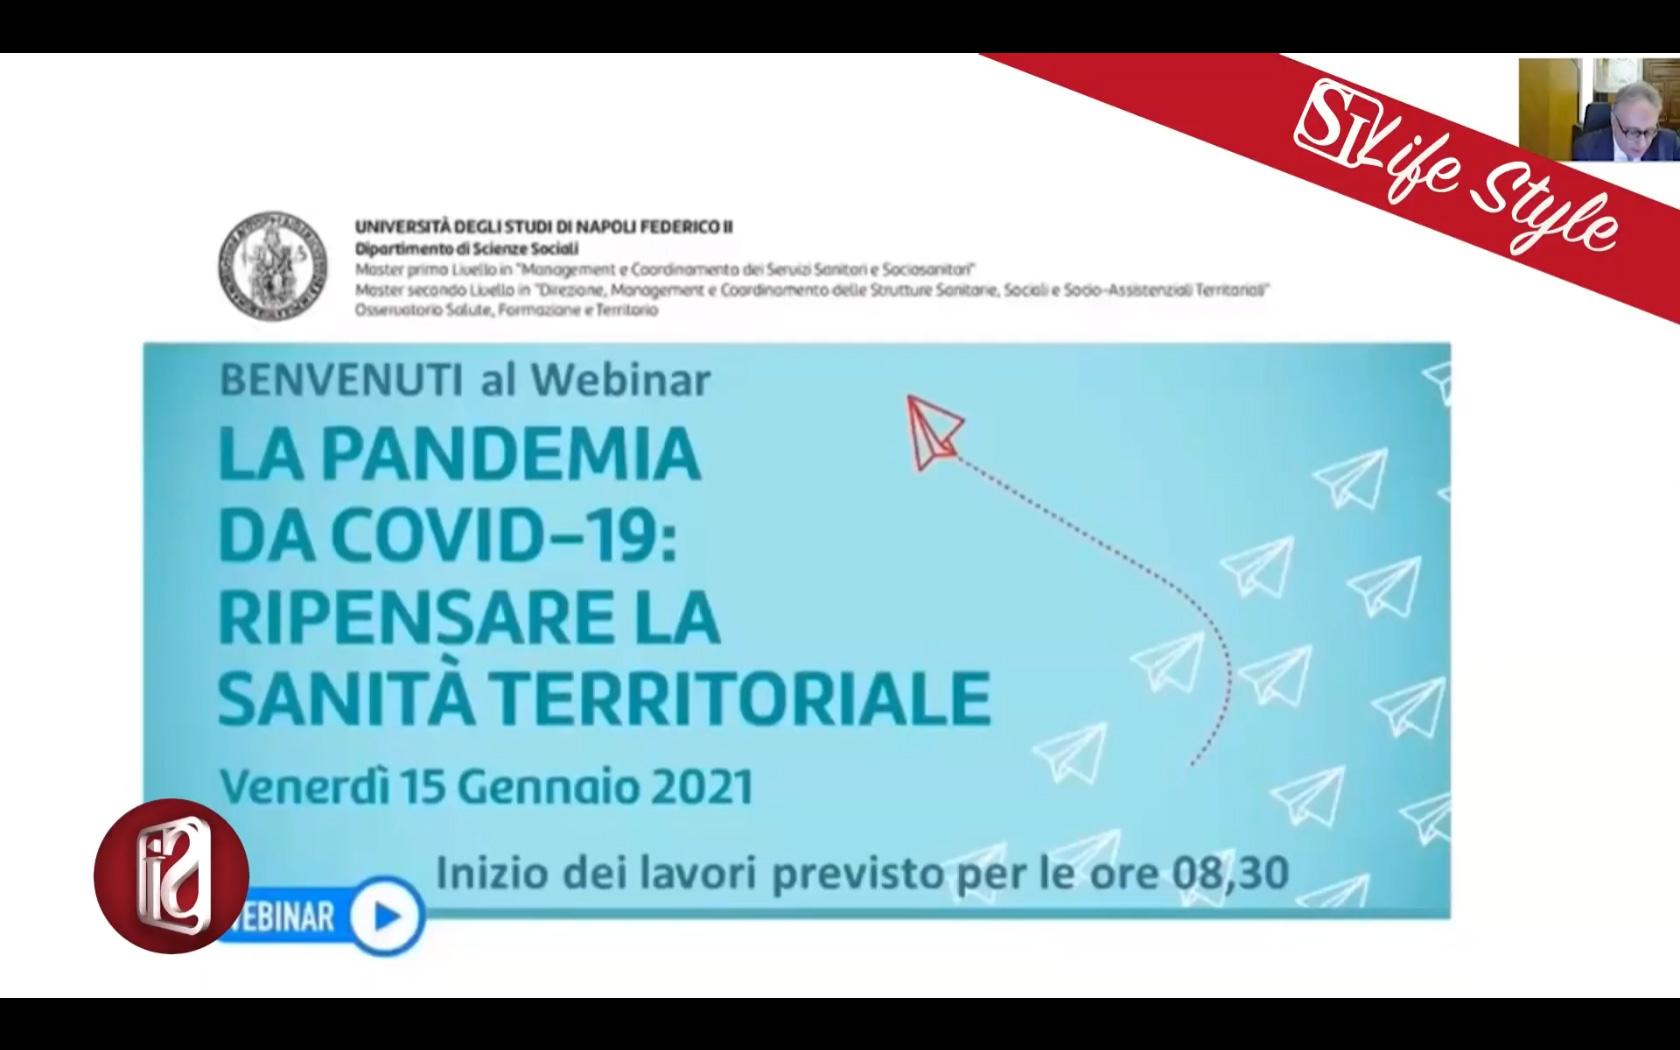 DOPO IL COVID RIPARTIRE DALLA SANITA' TERRITORIALE, IL WEBINAR DELLA FEDERICO II